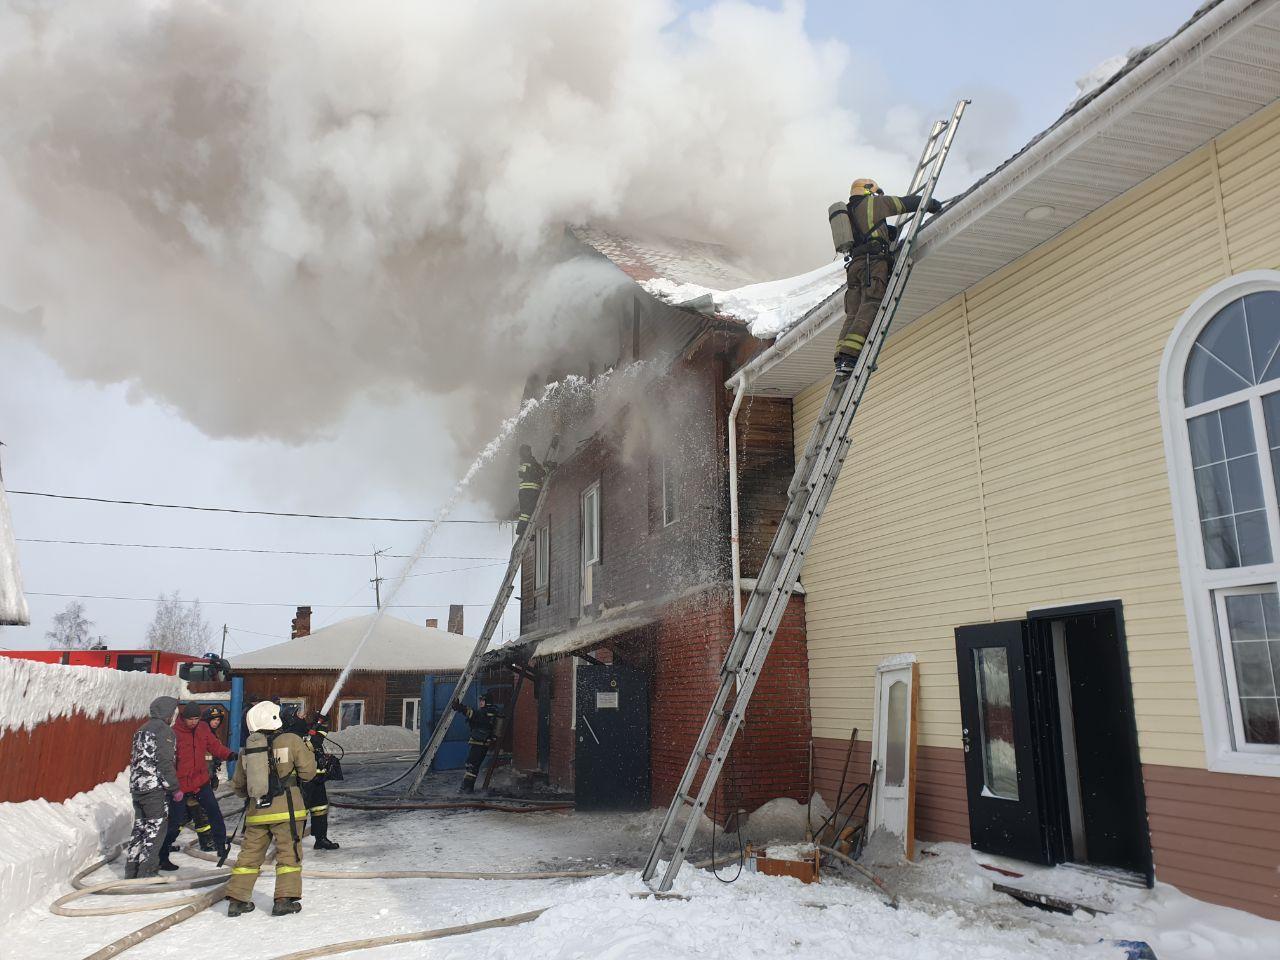 Фото В Томске загорелся молитвенный дом: появились первые снимки с пожара 3